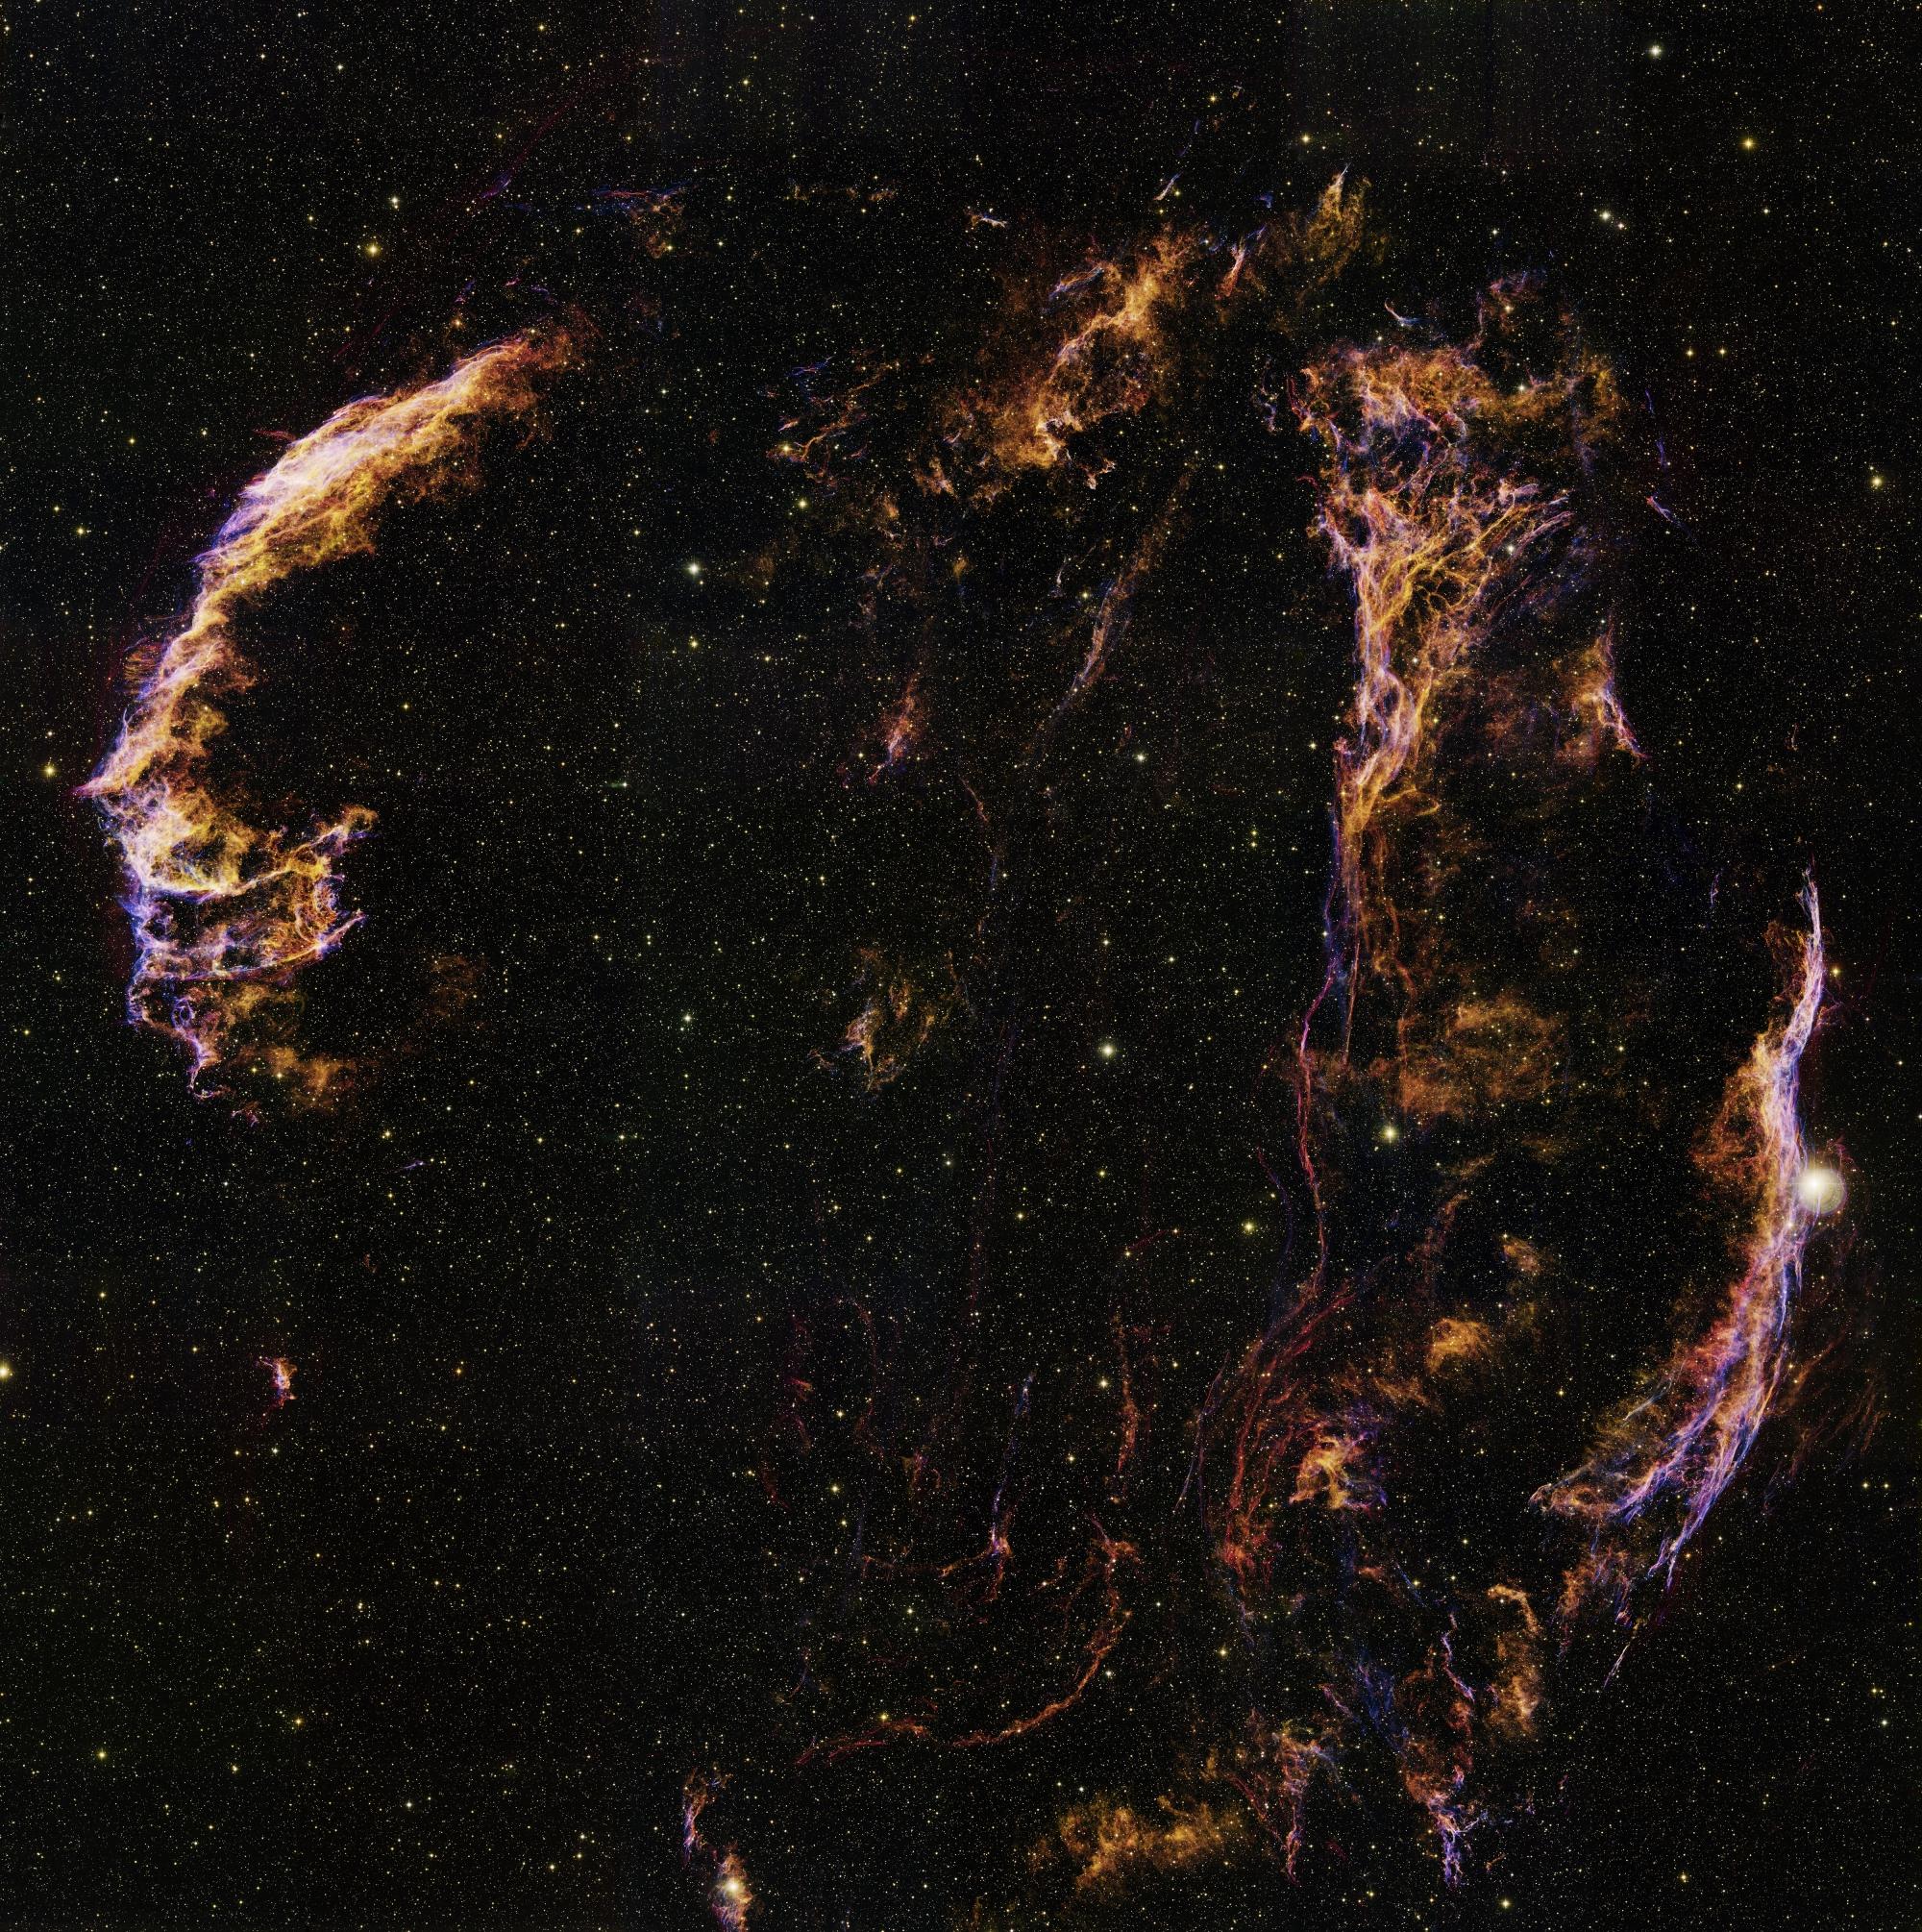 Gulbės vija, 5-10 tūkstančių metų senumo supernovos liekana. ©NOAO, WIYN